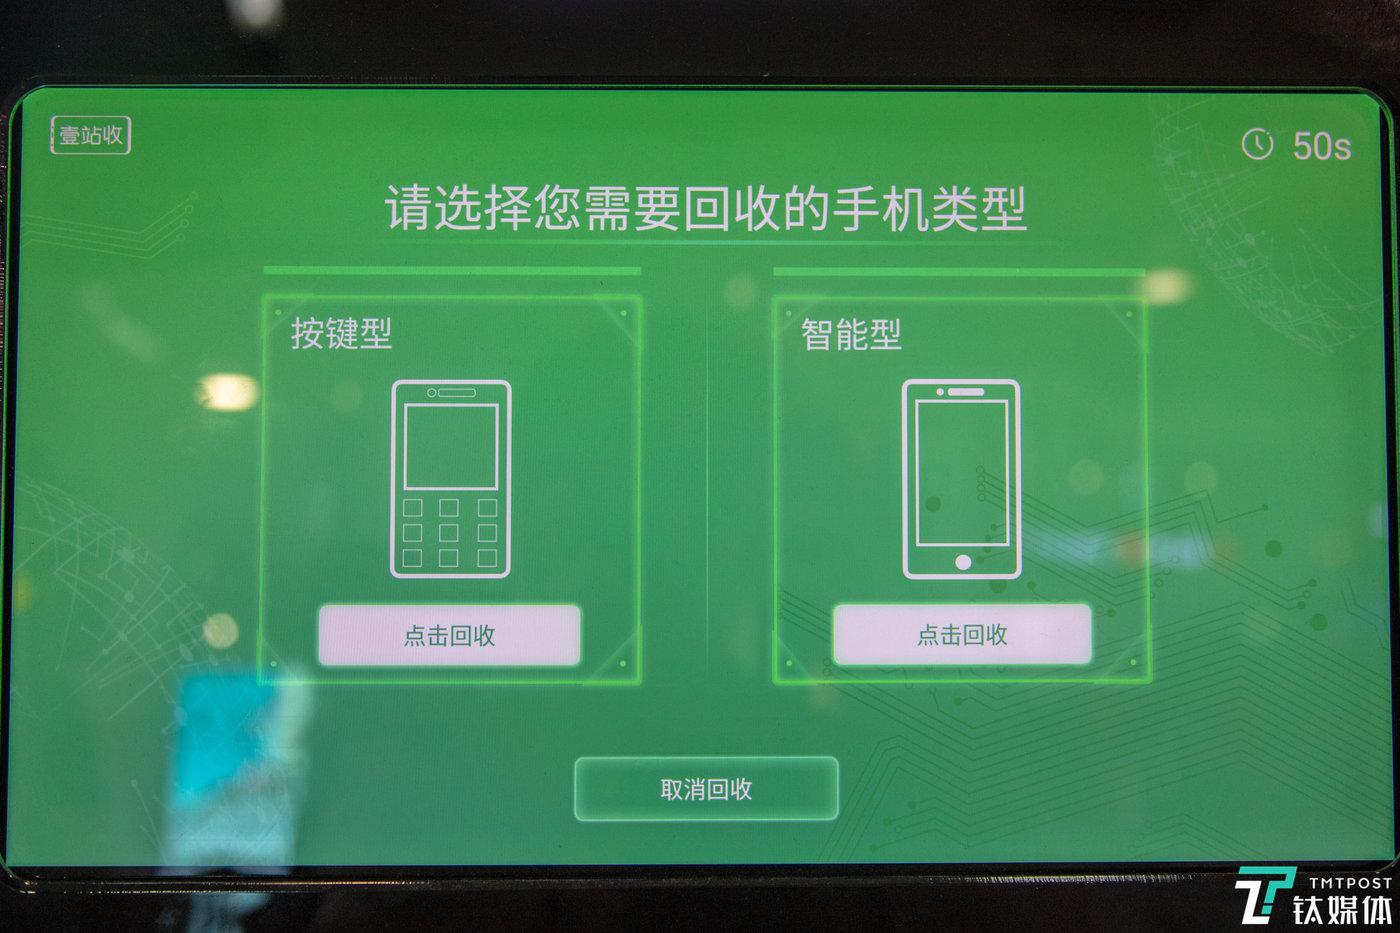 手机回收类型